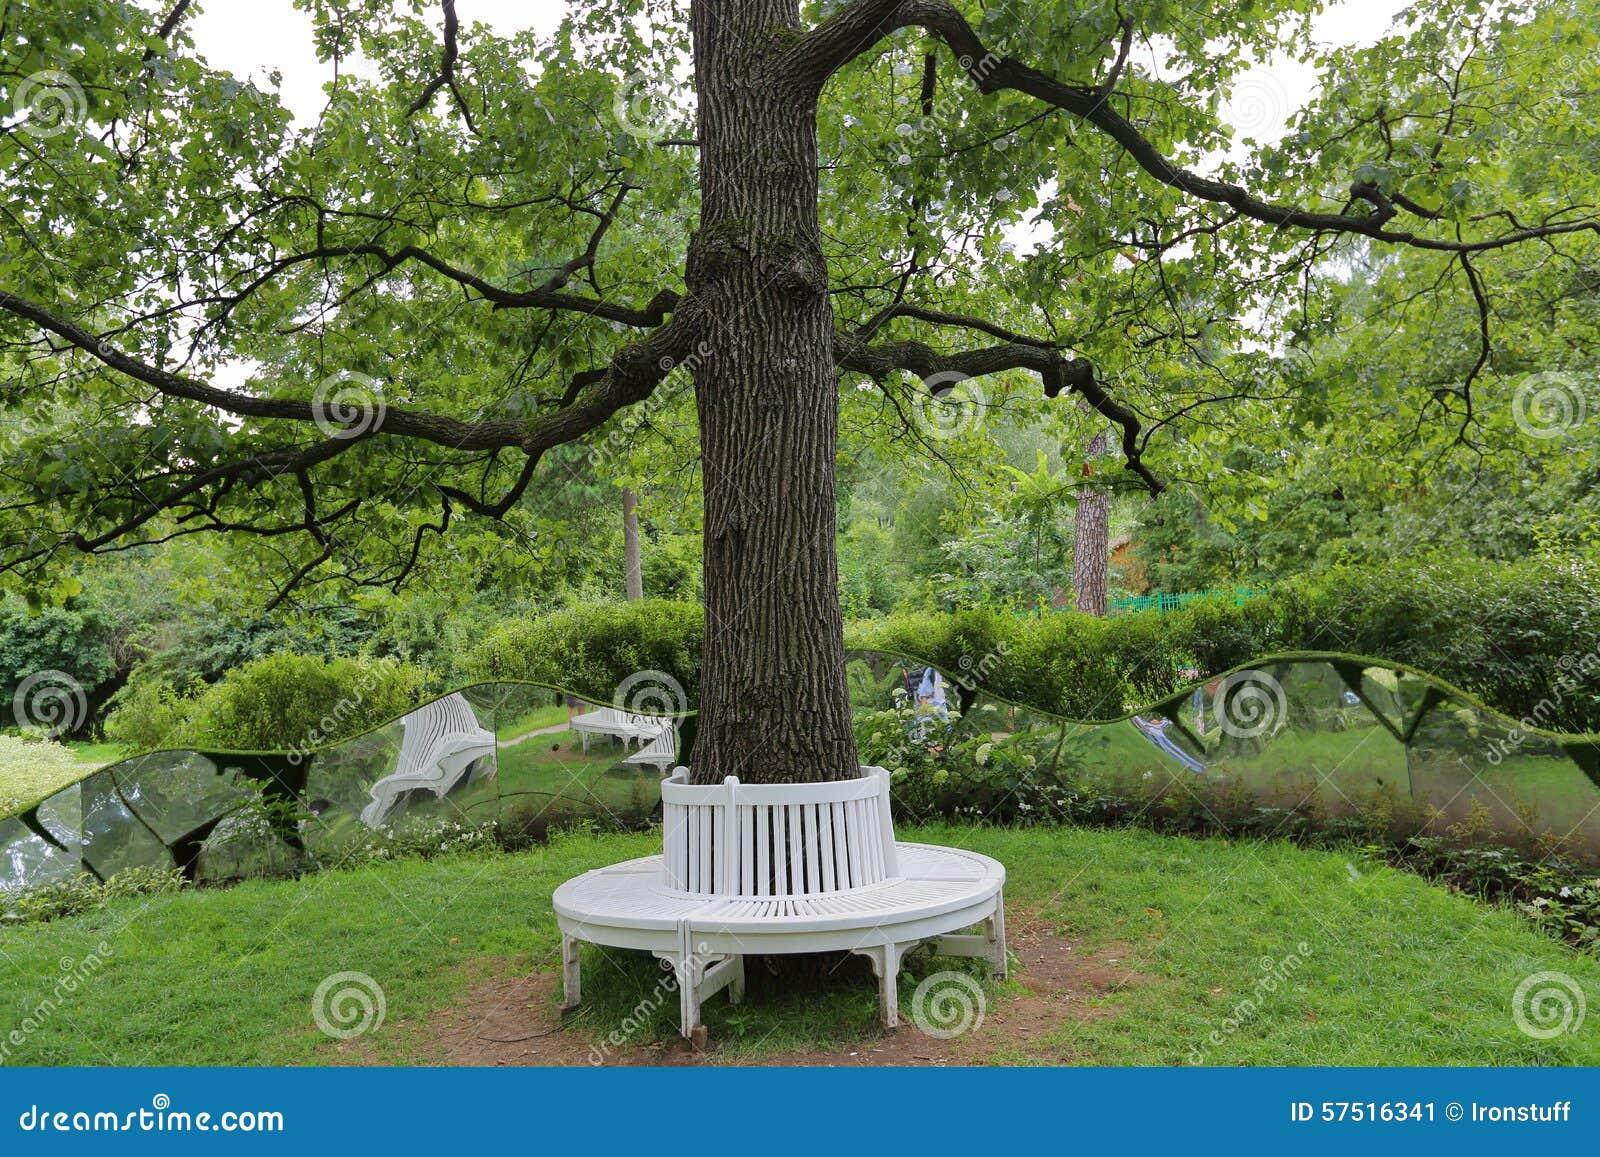 Banc autour d 39 arbre photo stock image 57516341 for Bordure autour d un arbre